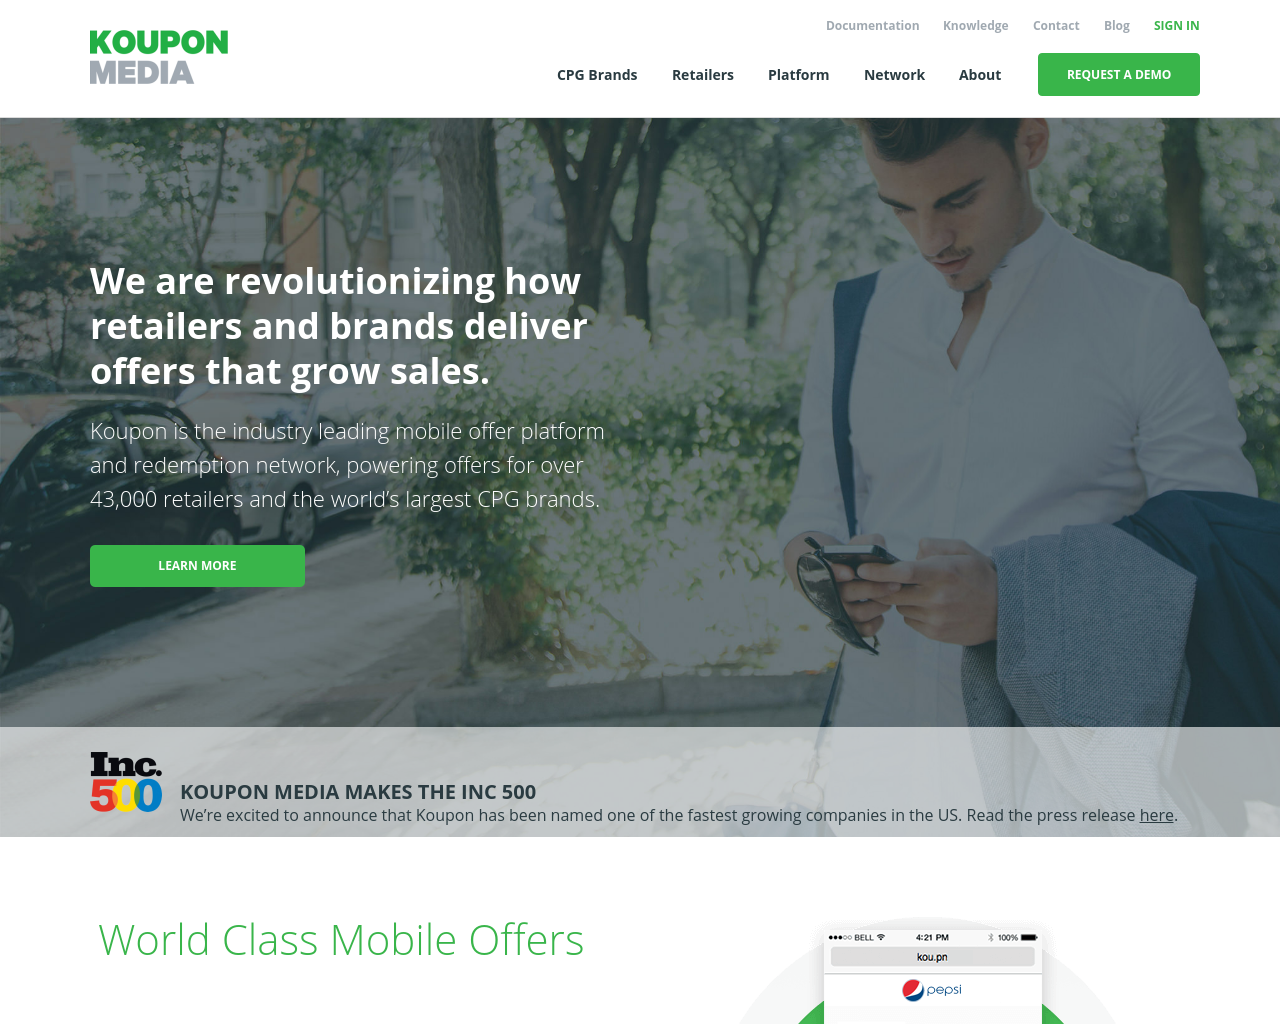 Koupon-Media-Advertising-Reviews-Pricing